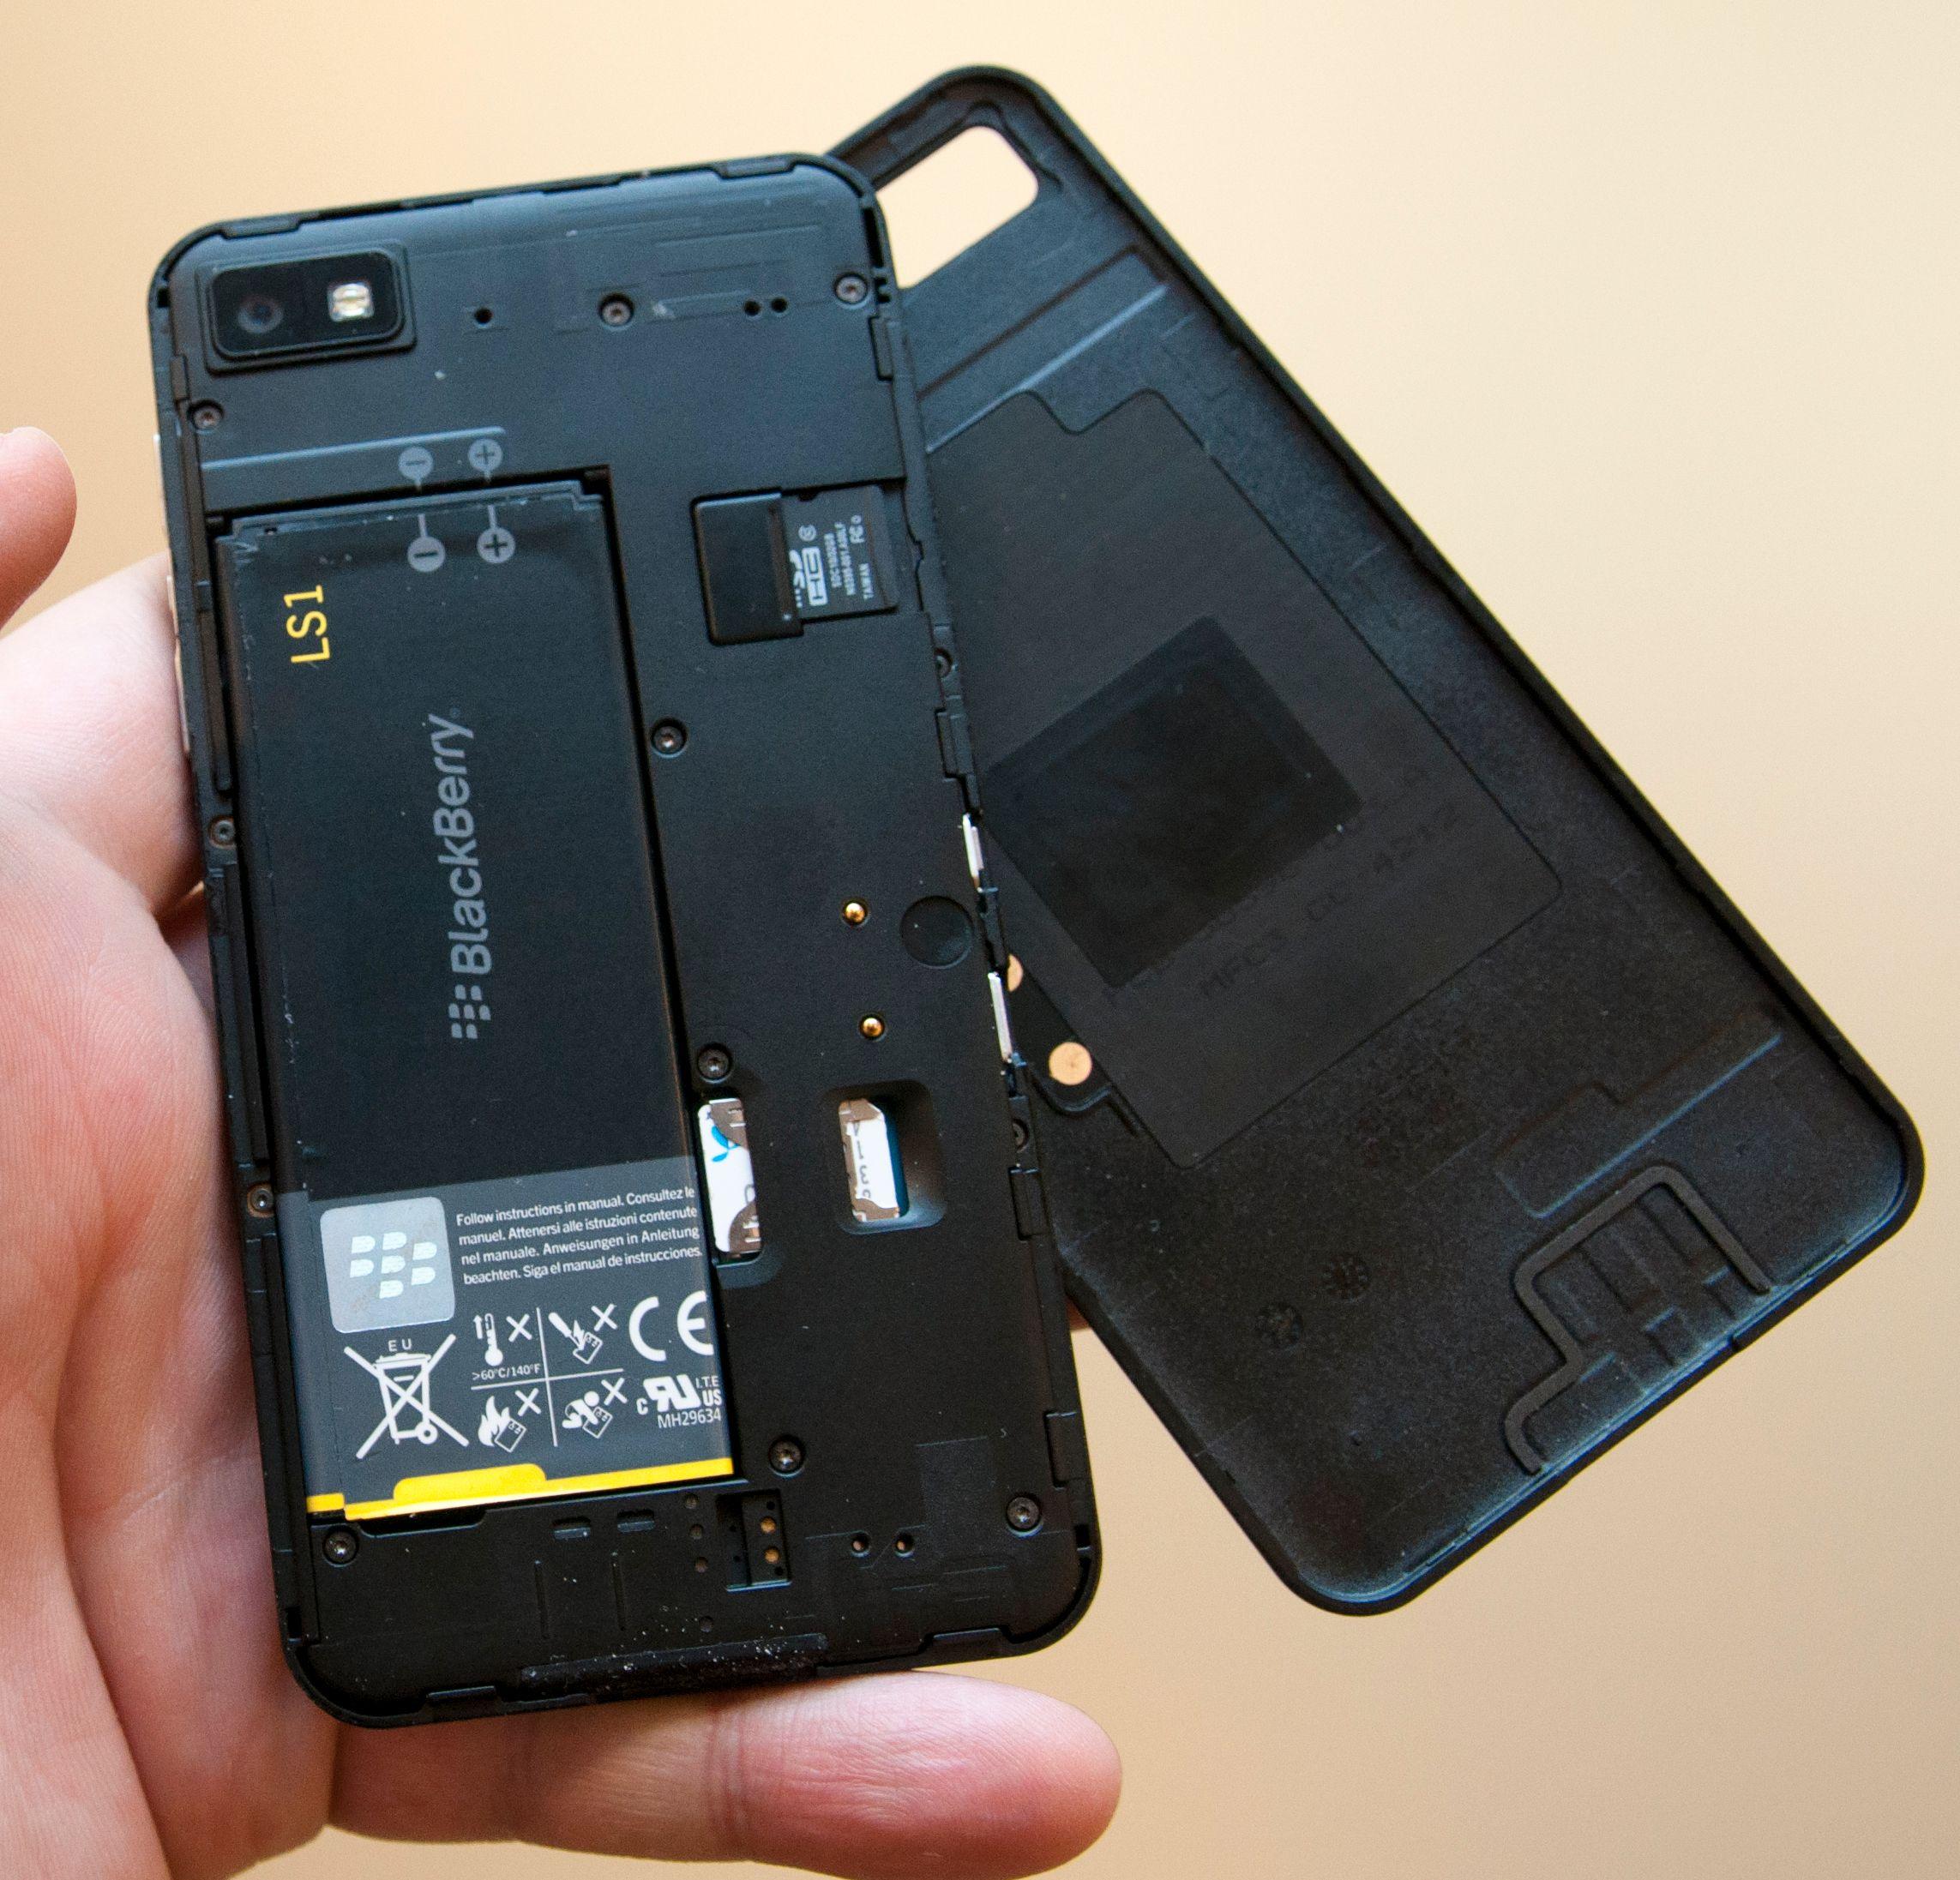 Under dekselet finner du plass for SIM-kort, minnekort og et batteri på 1800 mAh.Foto: Finn Jarle Kvalheim, Amobil.no